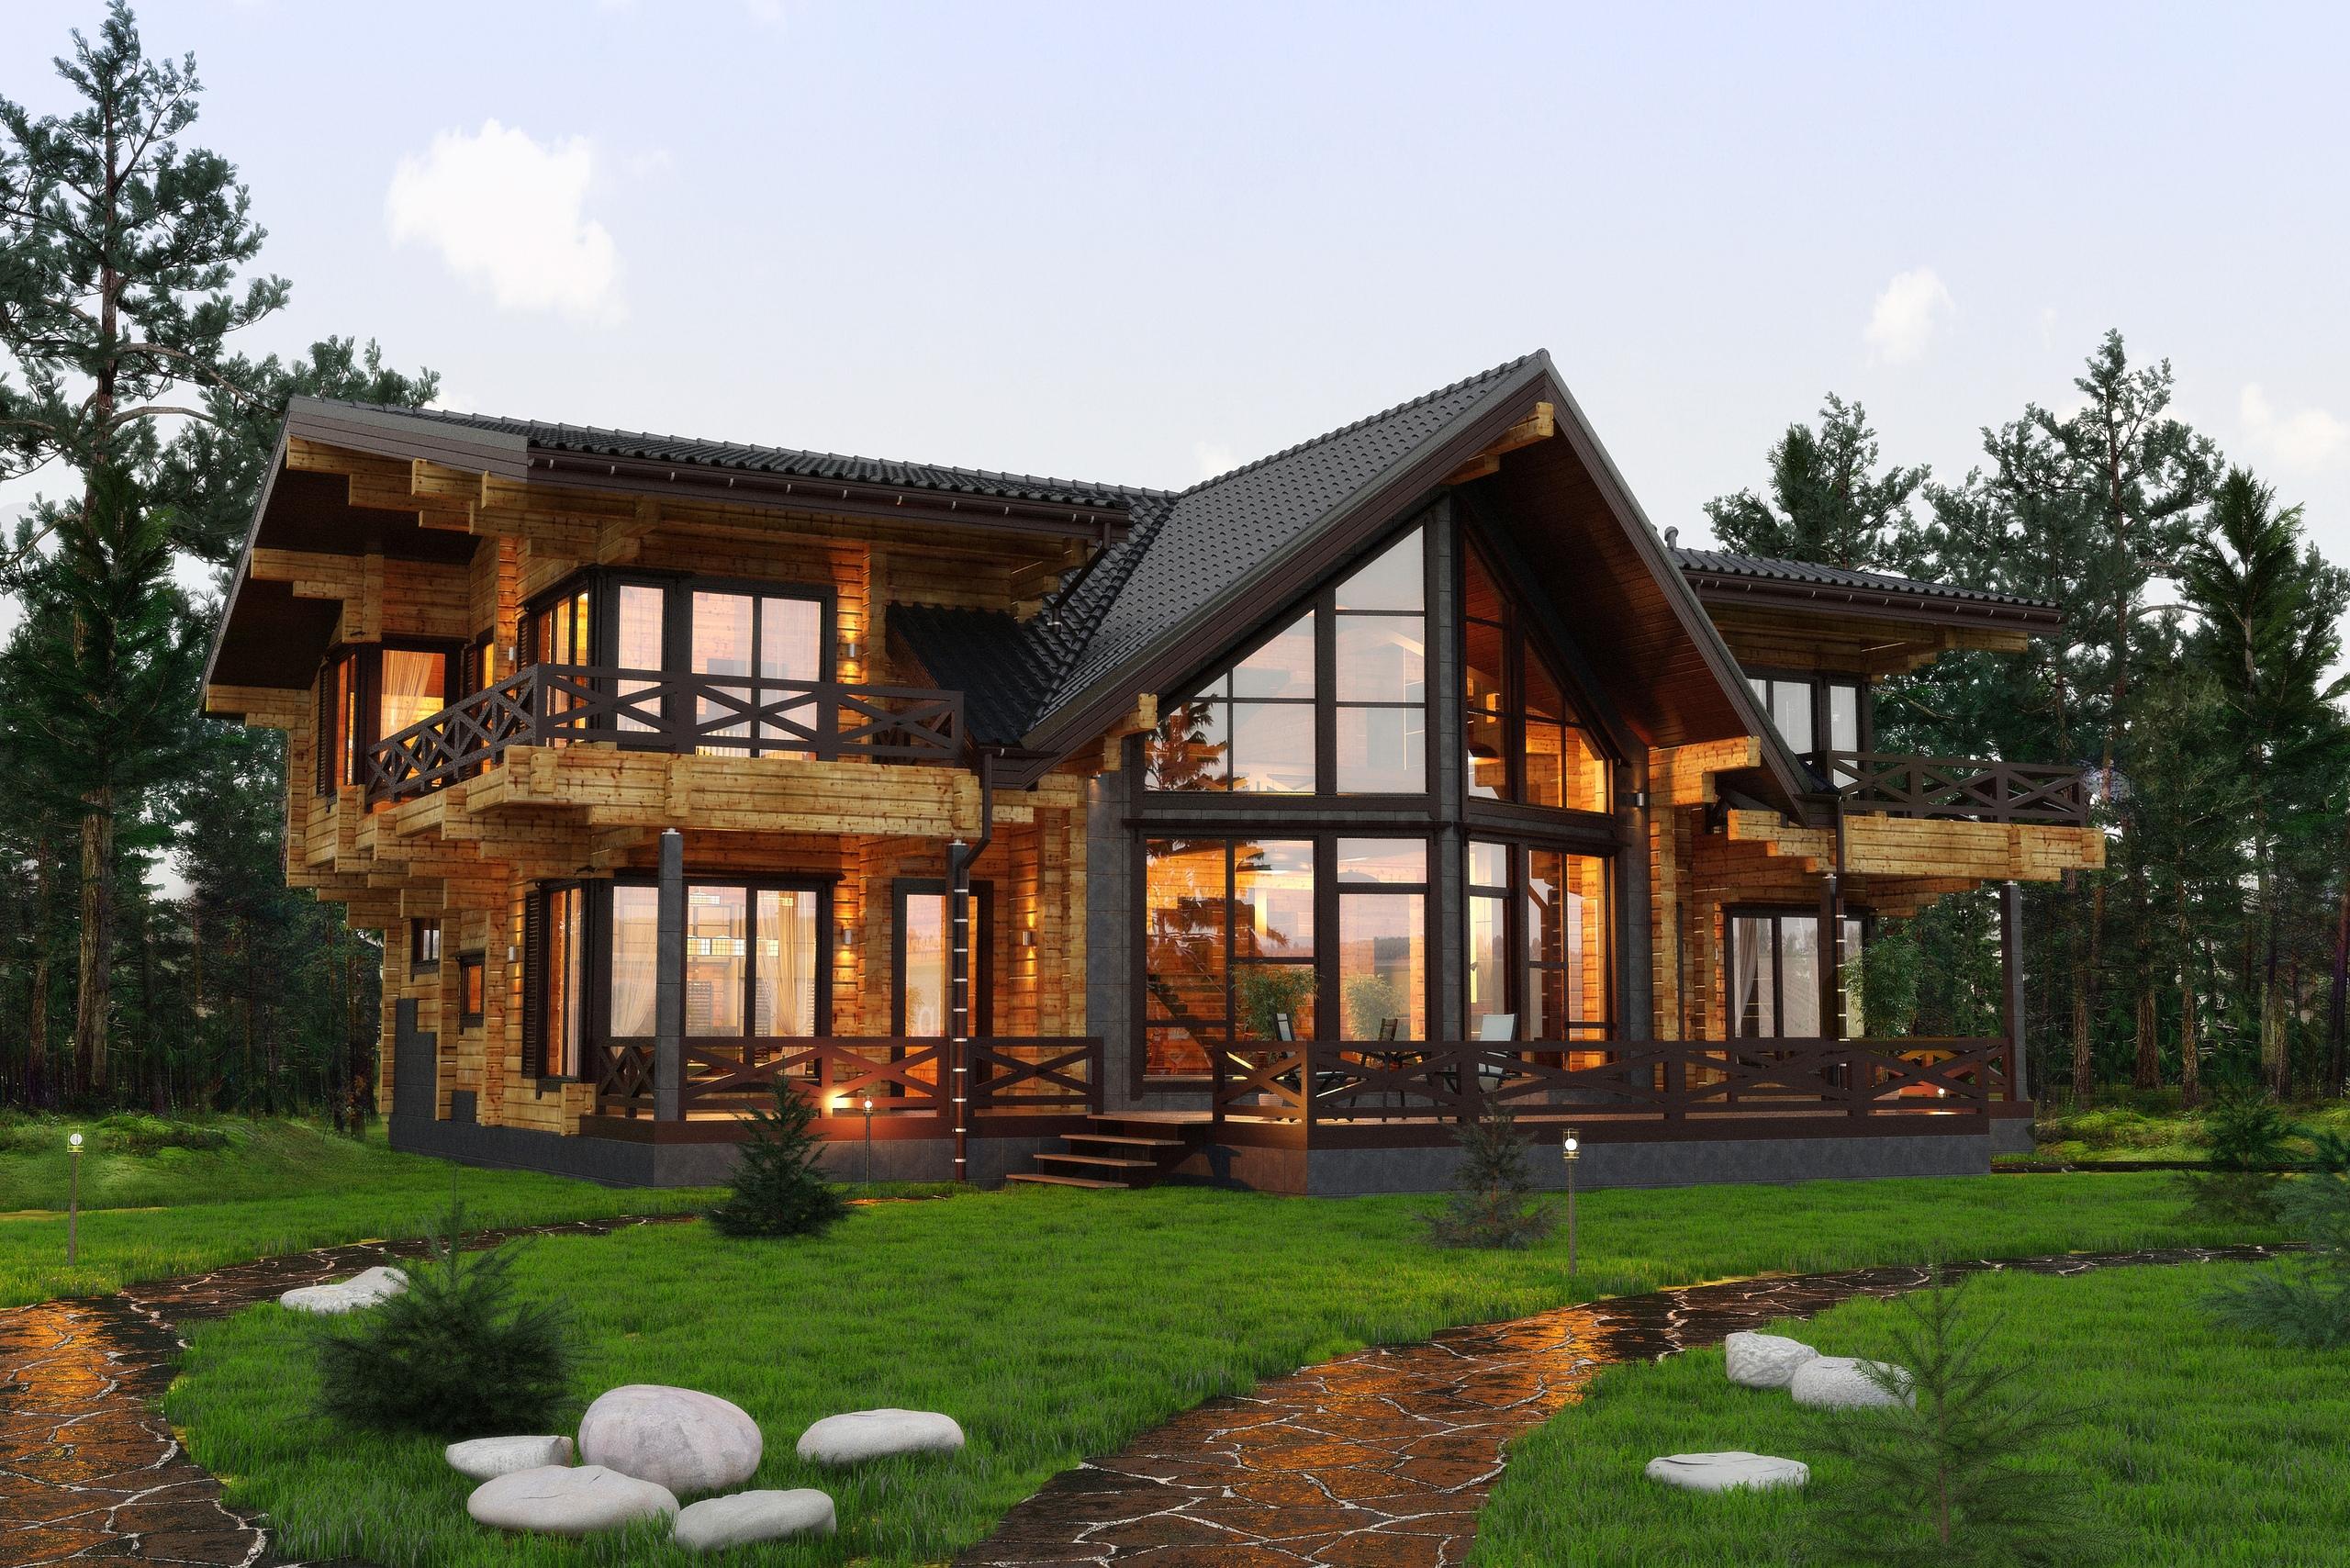 картинки общих домов статья